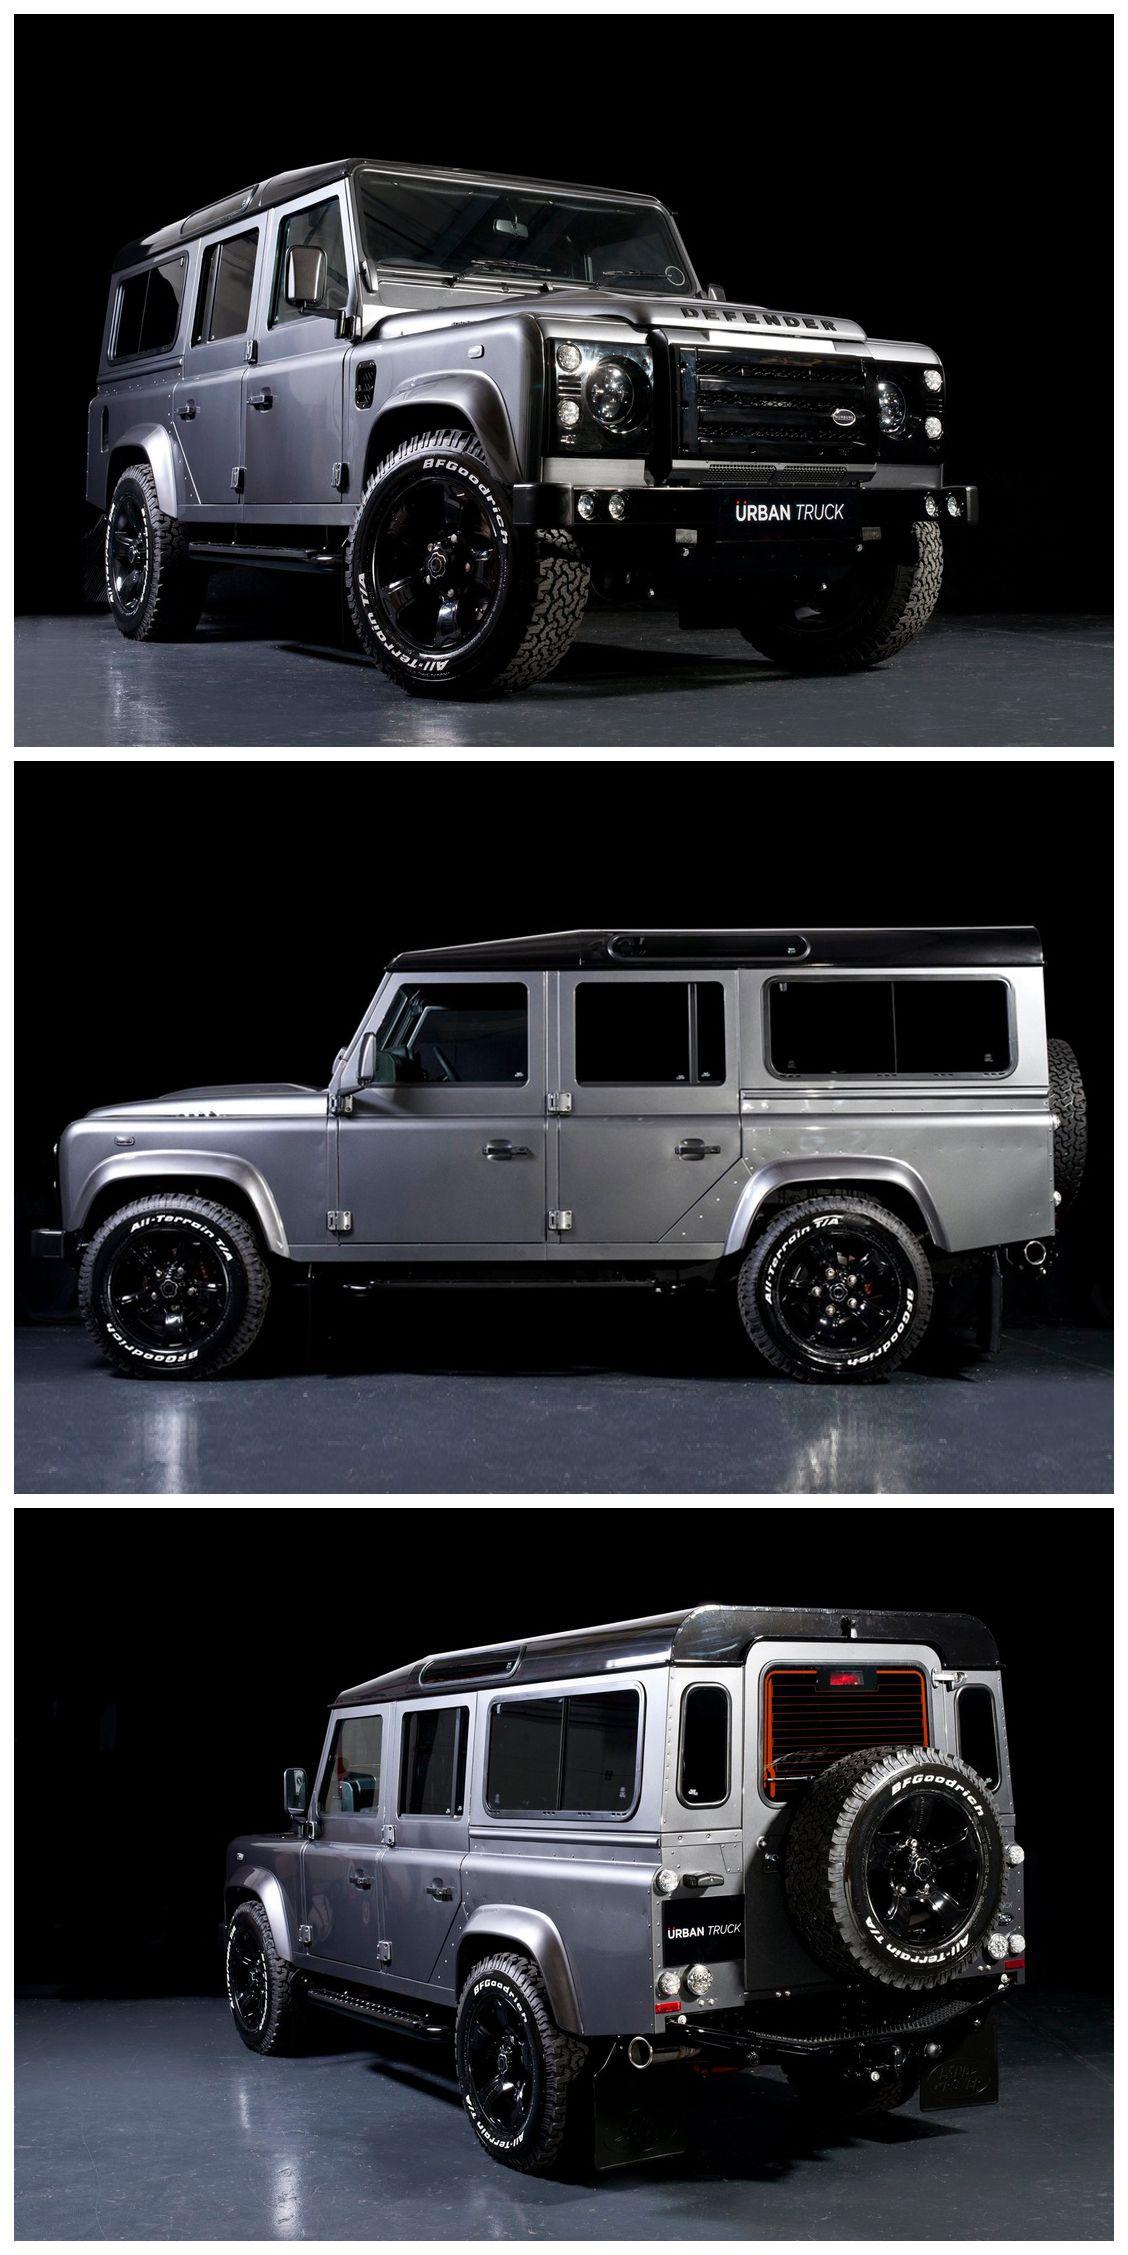 land rover defender 110 urban truck ultimate edition. Black Bedroom Furniture Sets. Home Design Ideas